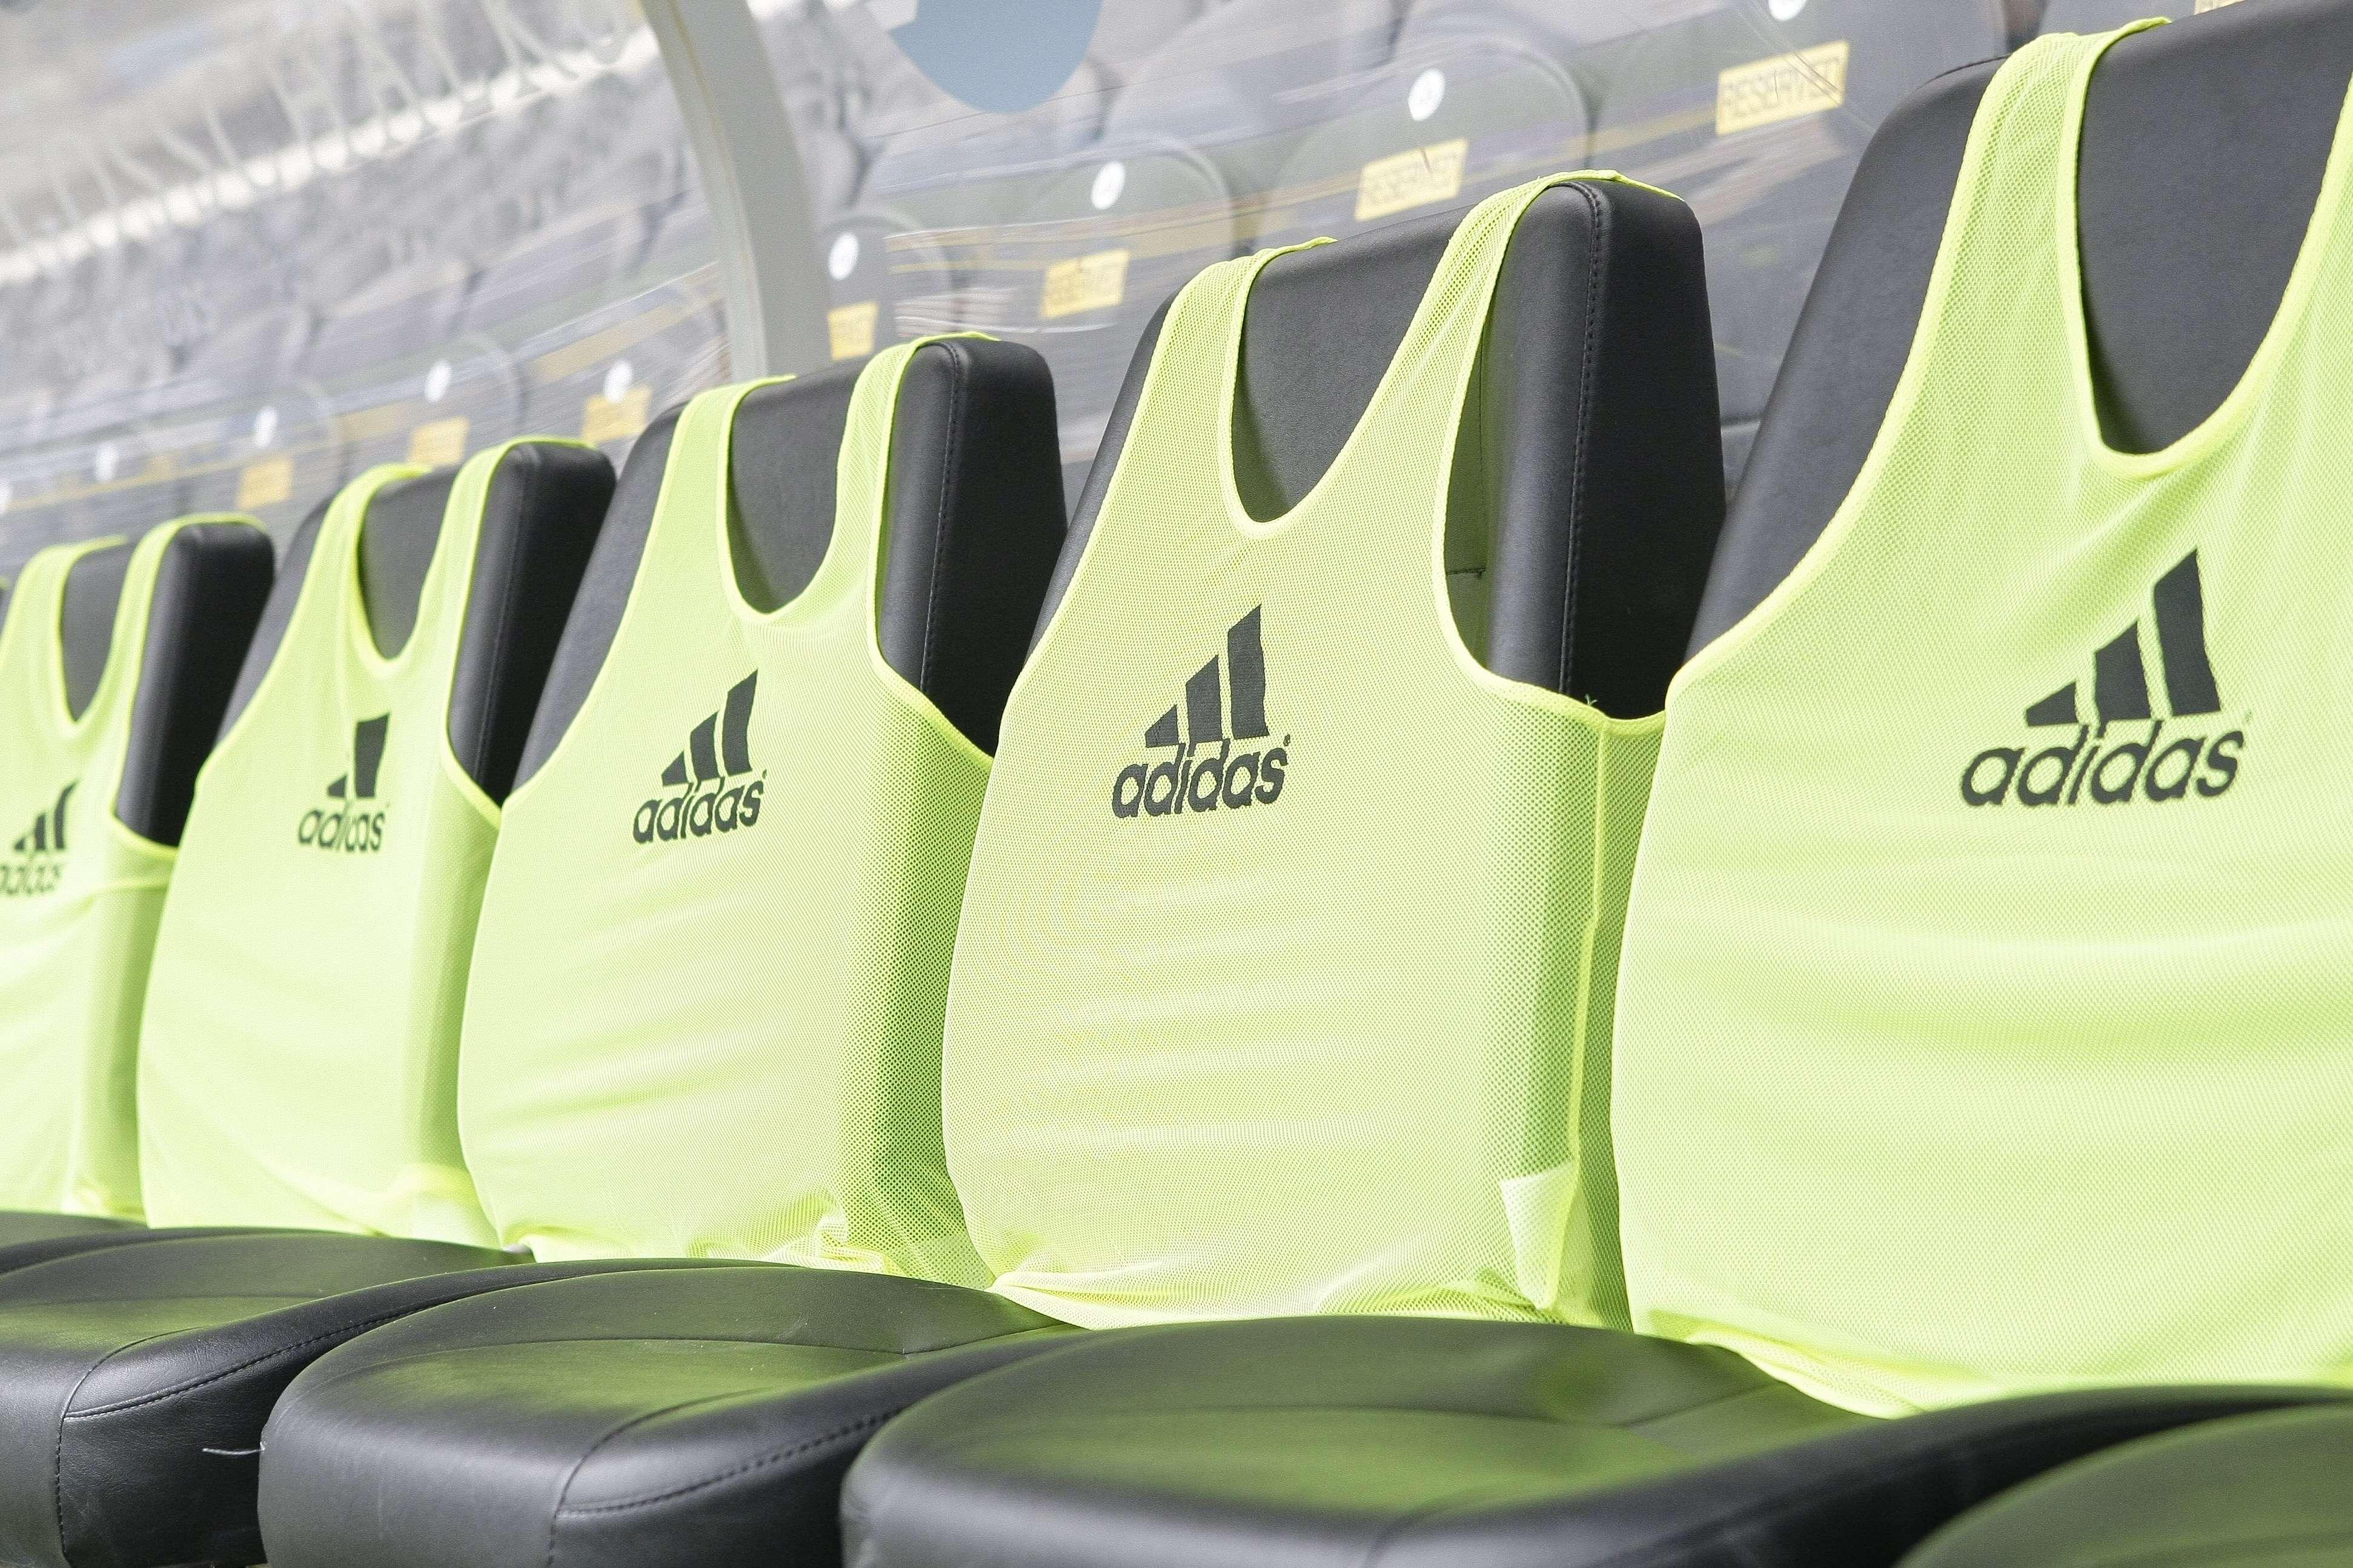 Adidas bibs